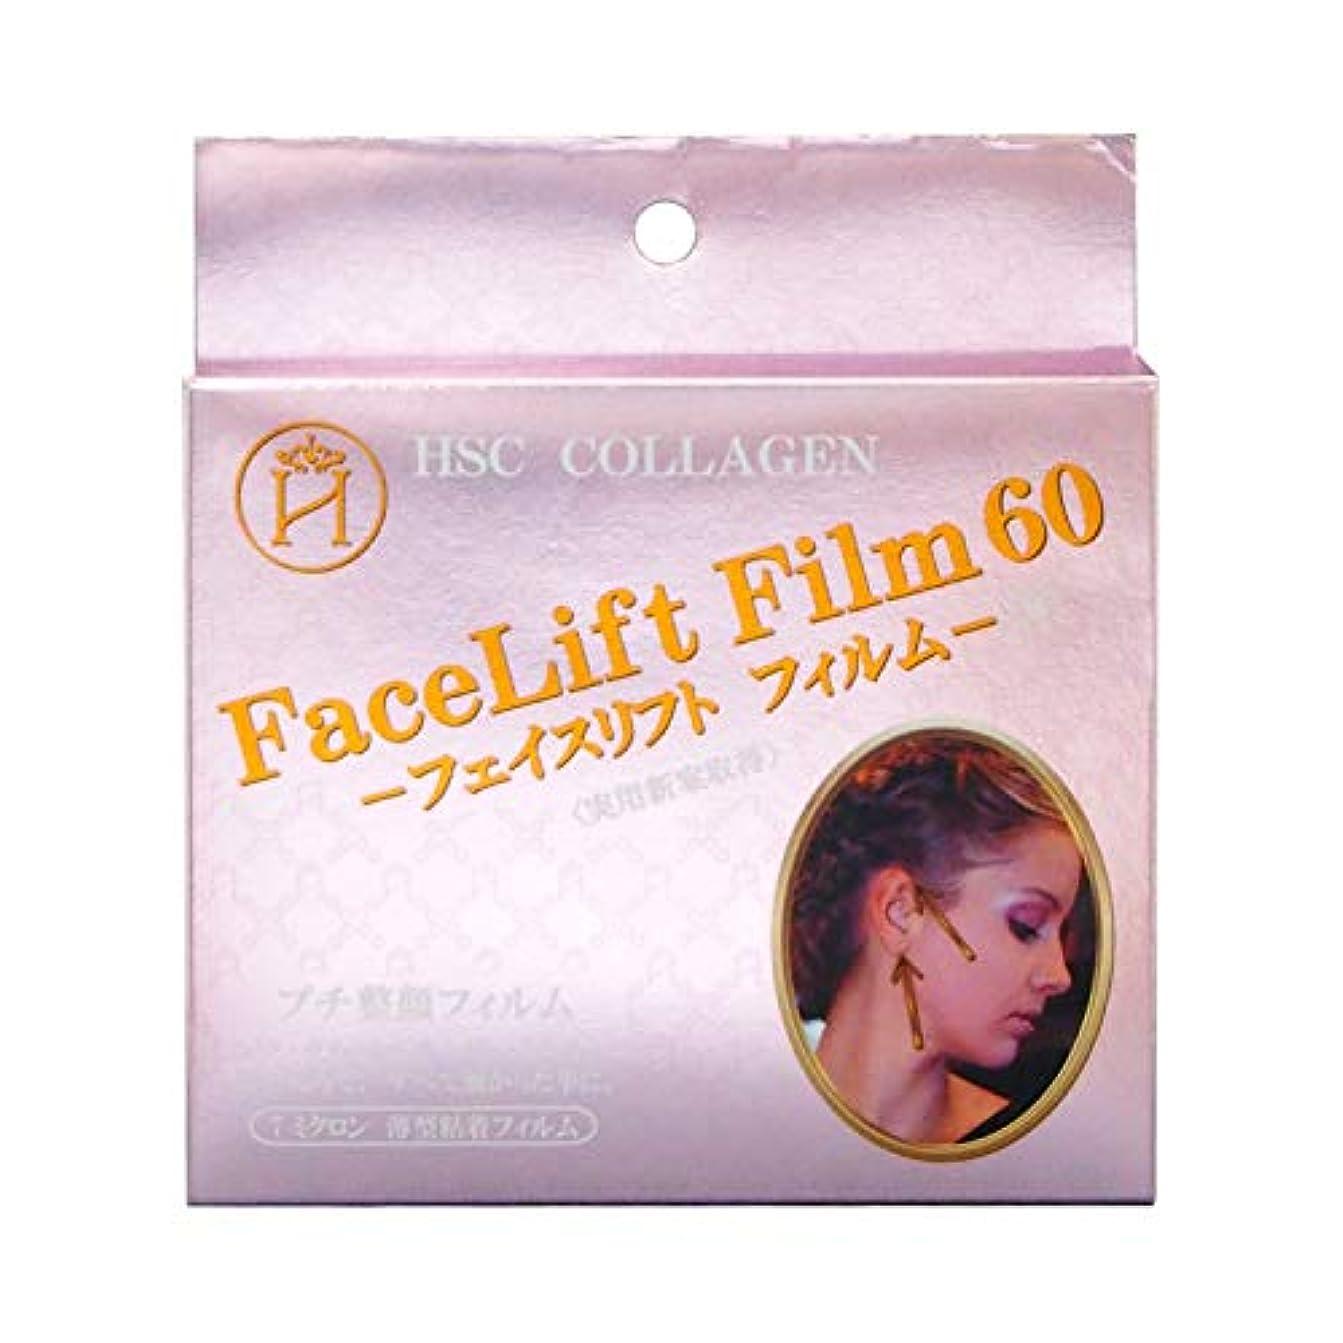 同盟請求タンパク質フェイスリフトフィルム60 たるみ テープ 引き上げ 透明 目立たない フェイスライン